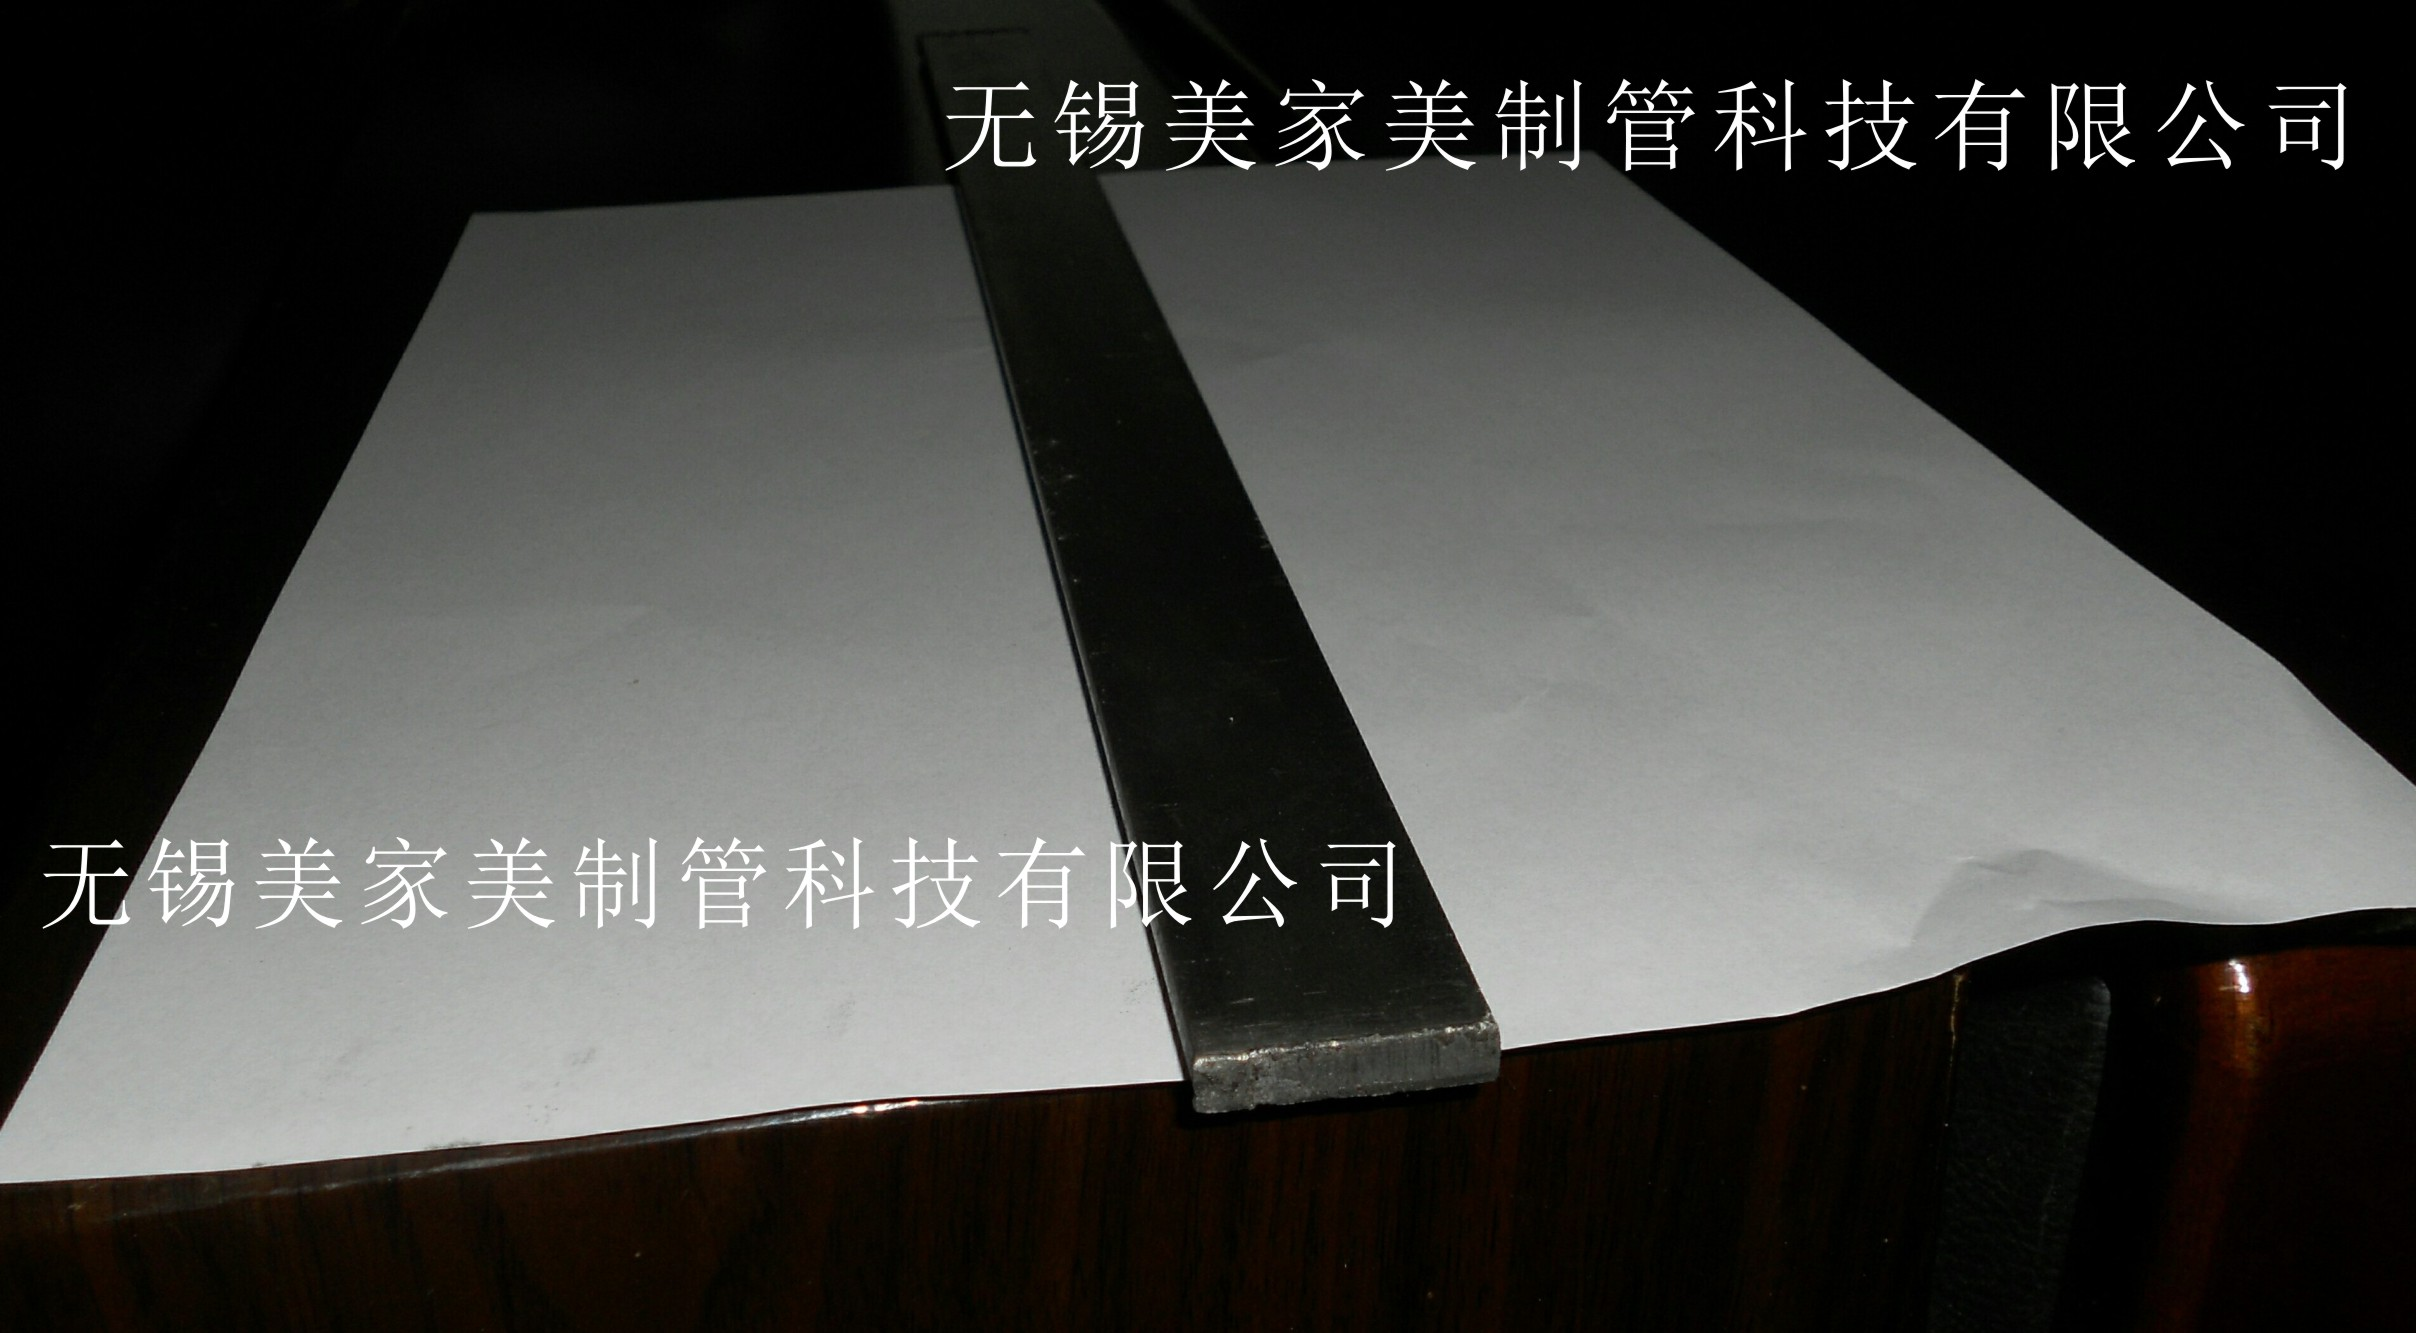 無錫生產扁鋼